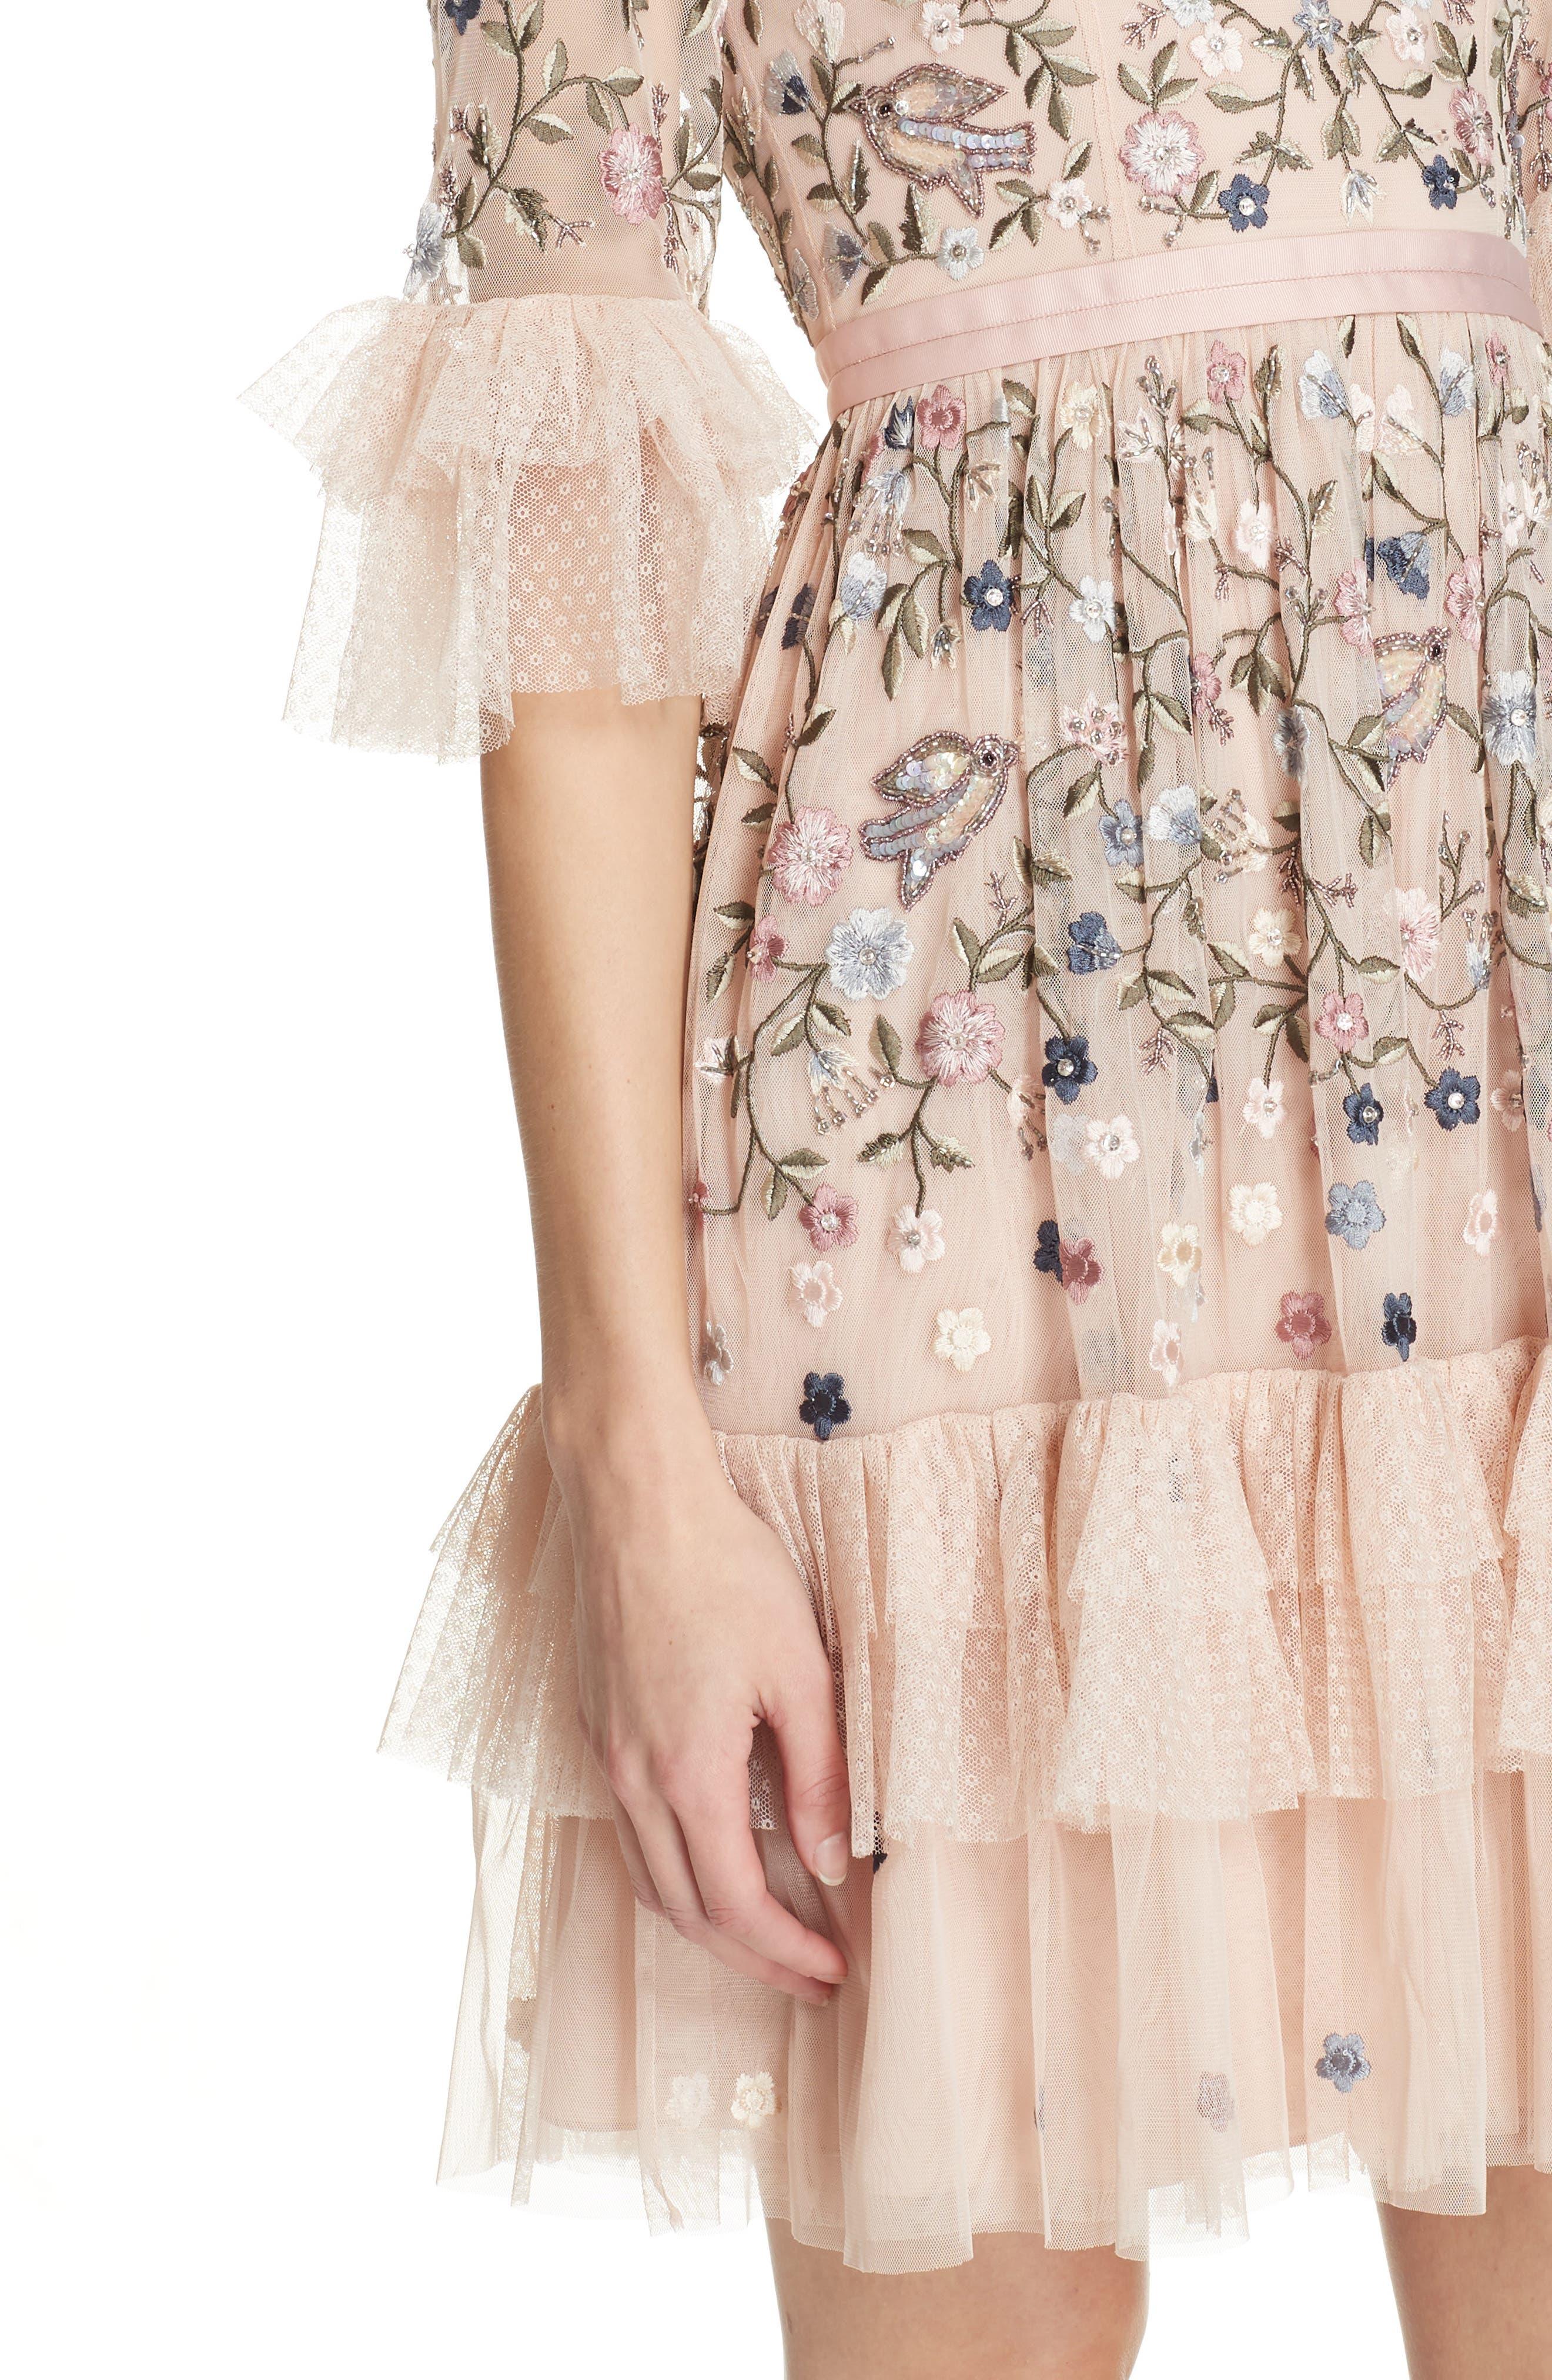 Dusk Floral A-Line Dress,                             Alternate thumbnail 4, color,                             ROSE QUARTZ